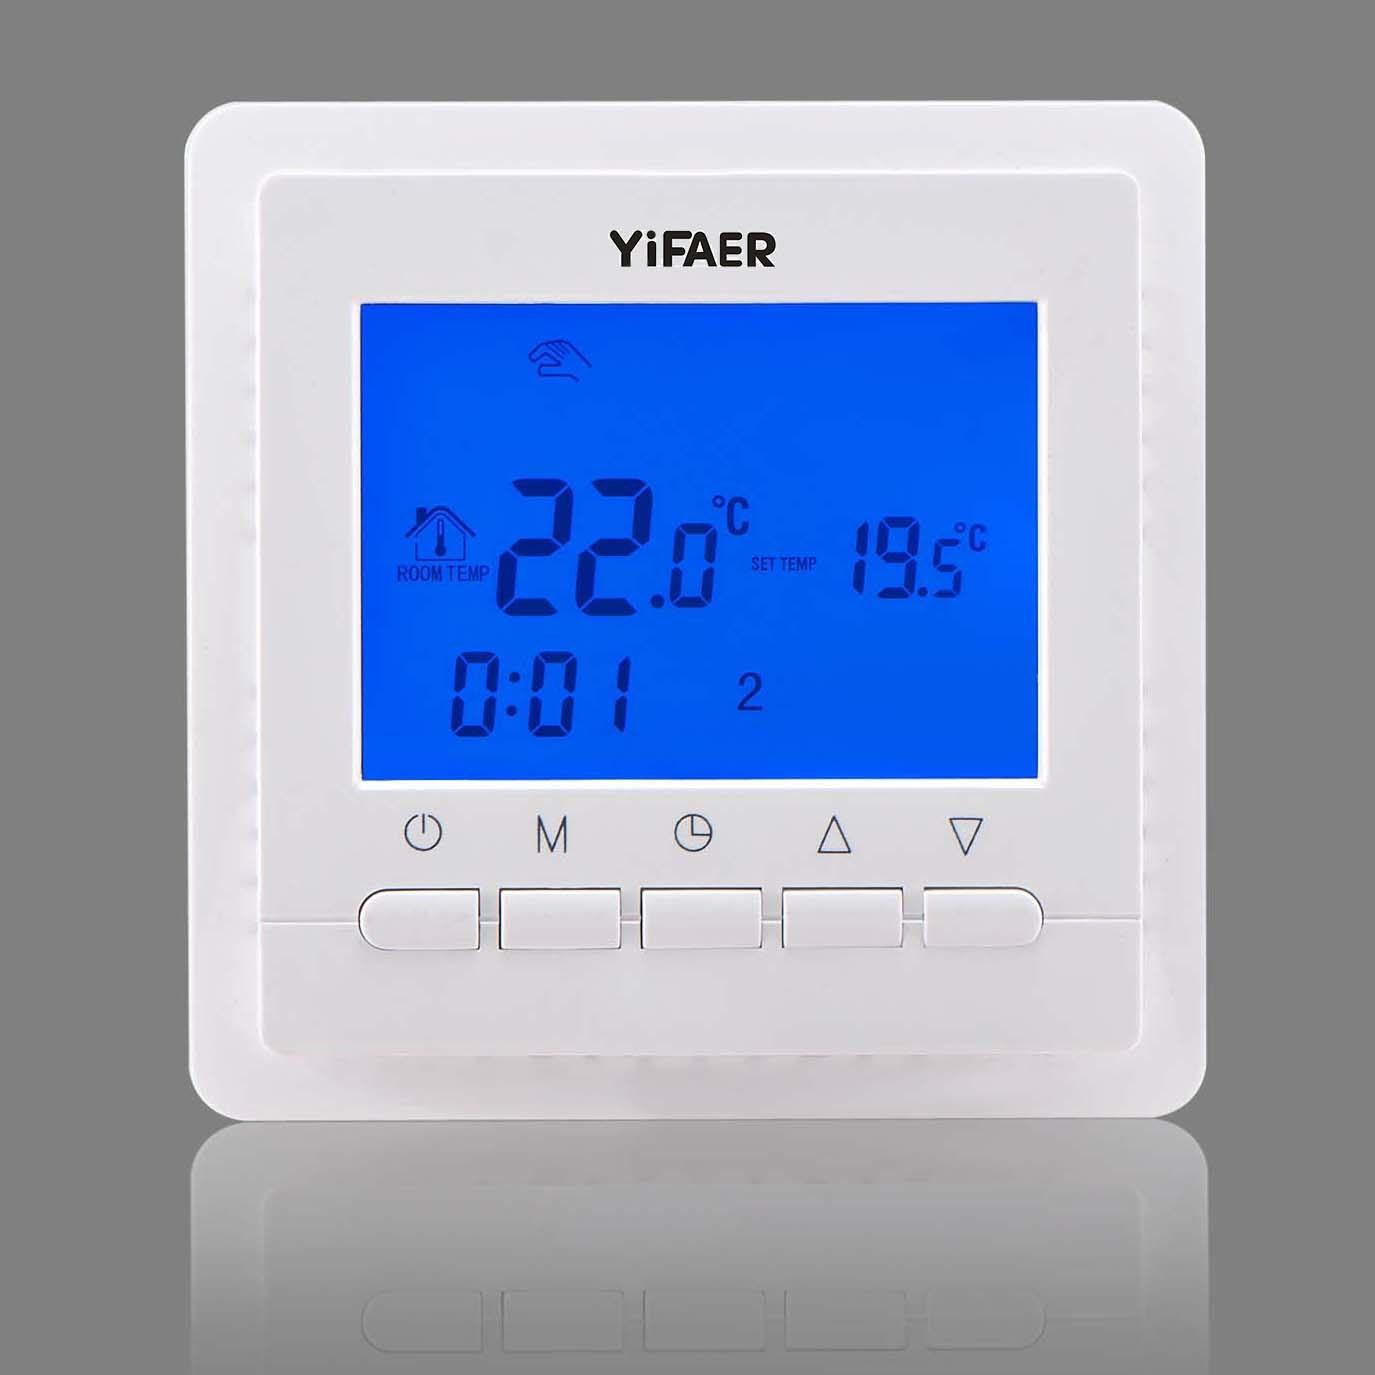 soe vesi - õhk seade kütte, vee soojendamise plaadid ahju temperatuuri filmi koos elektri ja kütte termostaat elektriliselt reguleeritav fänn.